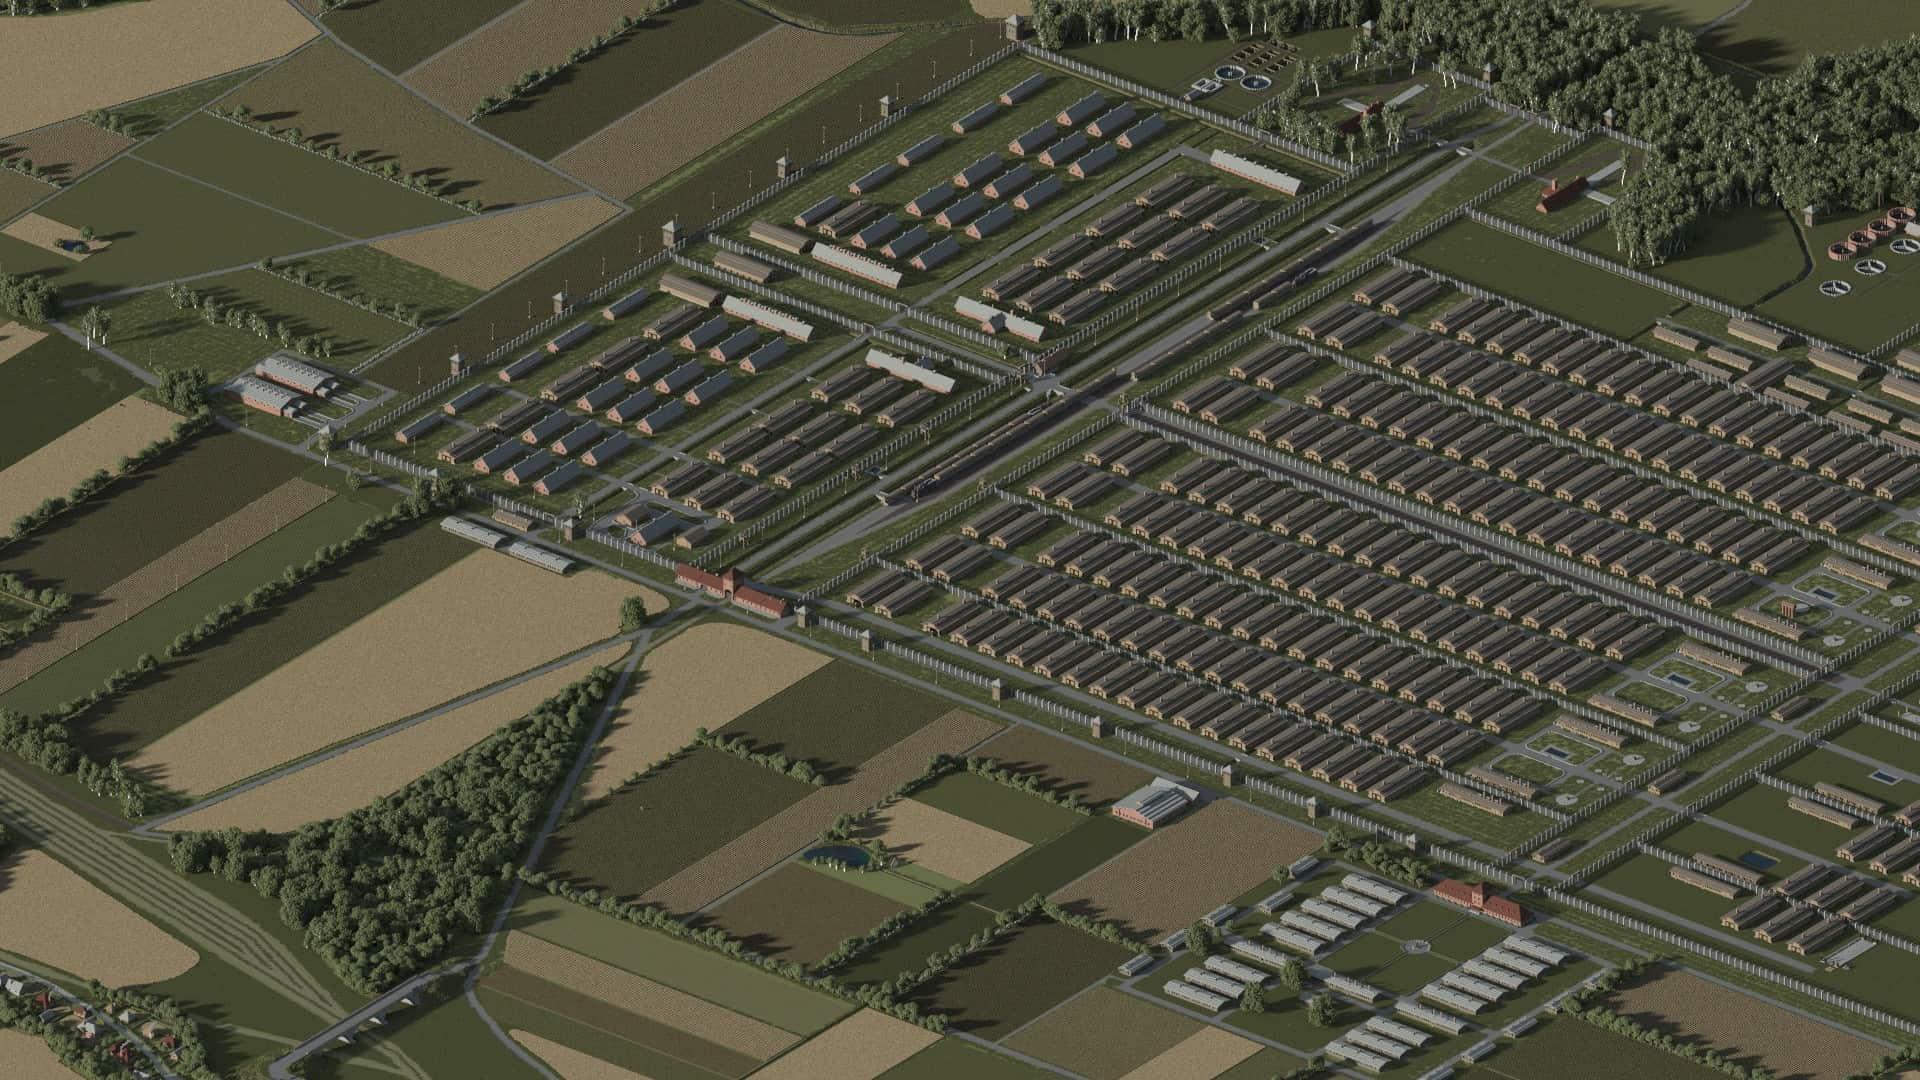 AUSCHWITZ-BIRKENAU, OSWIECIM, POLAND minecraft building ideas 4